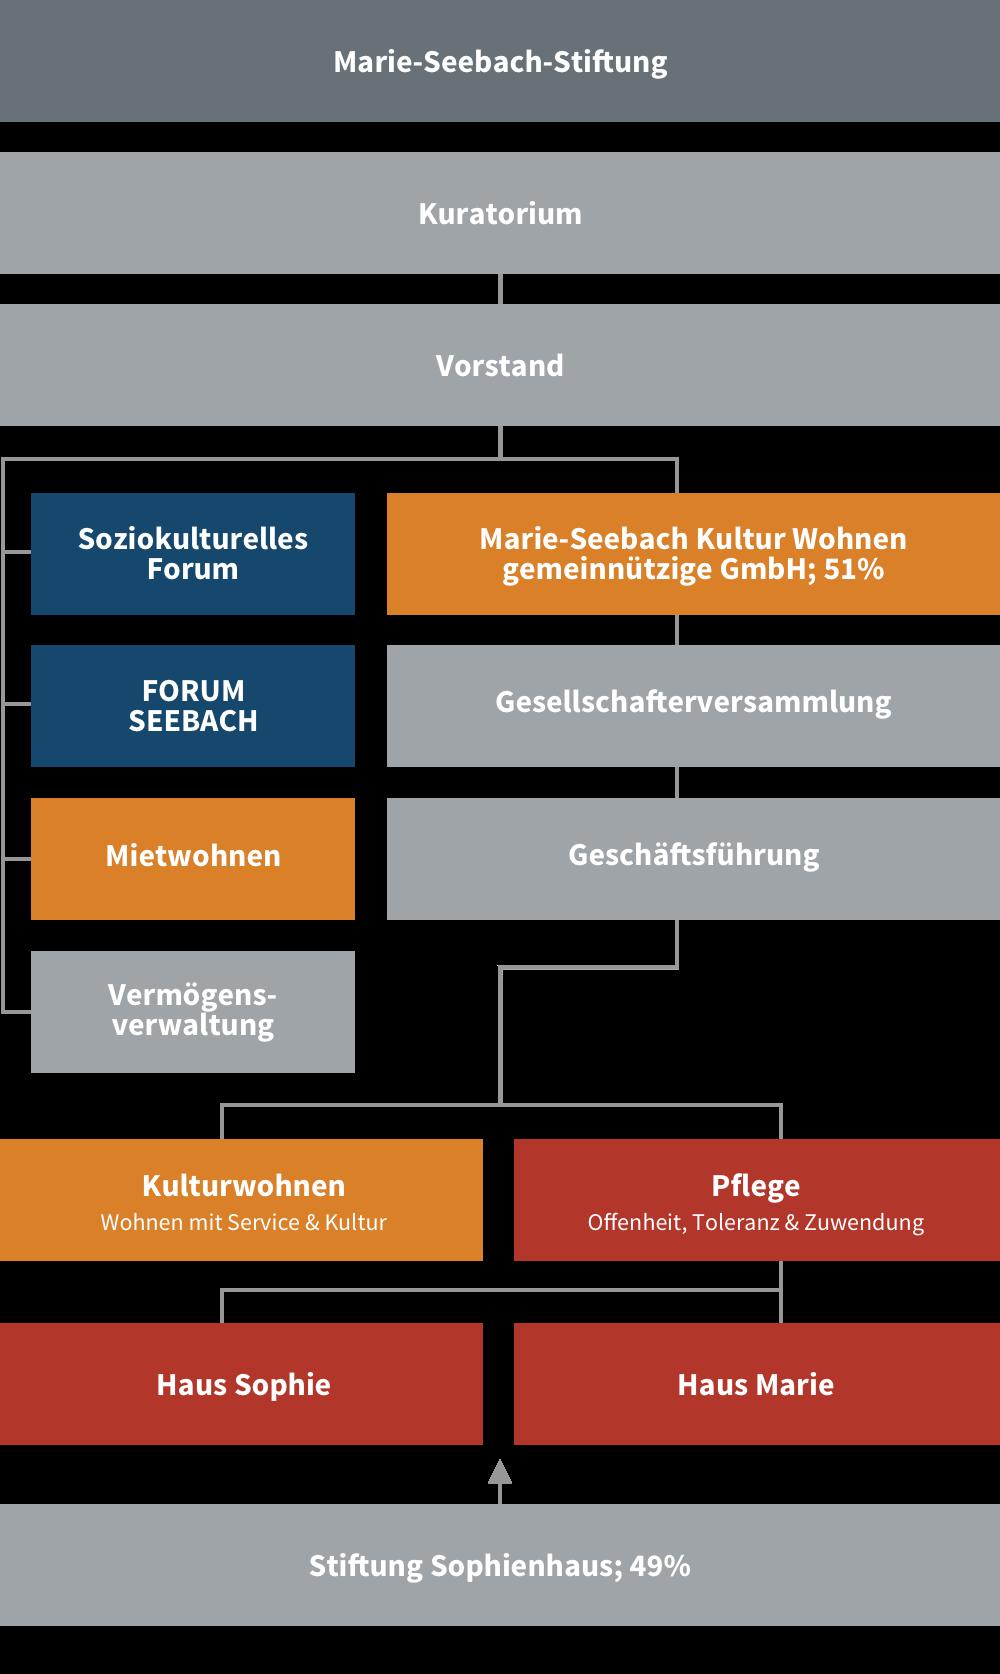 Organigramm der Marie-Seebach-Stiftung